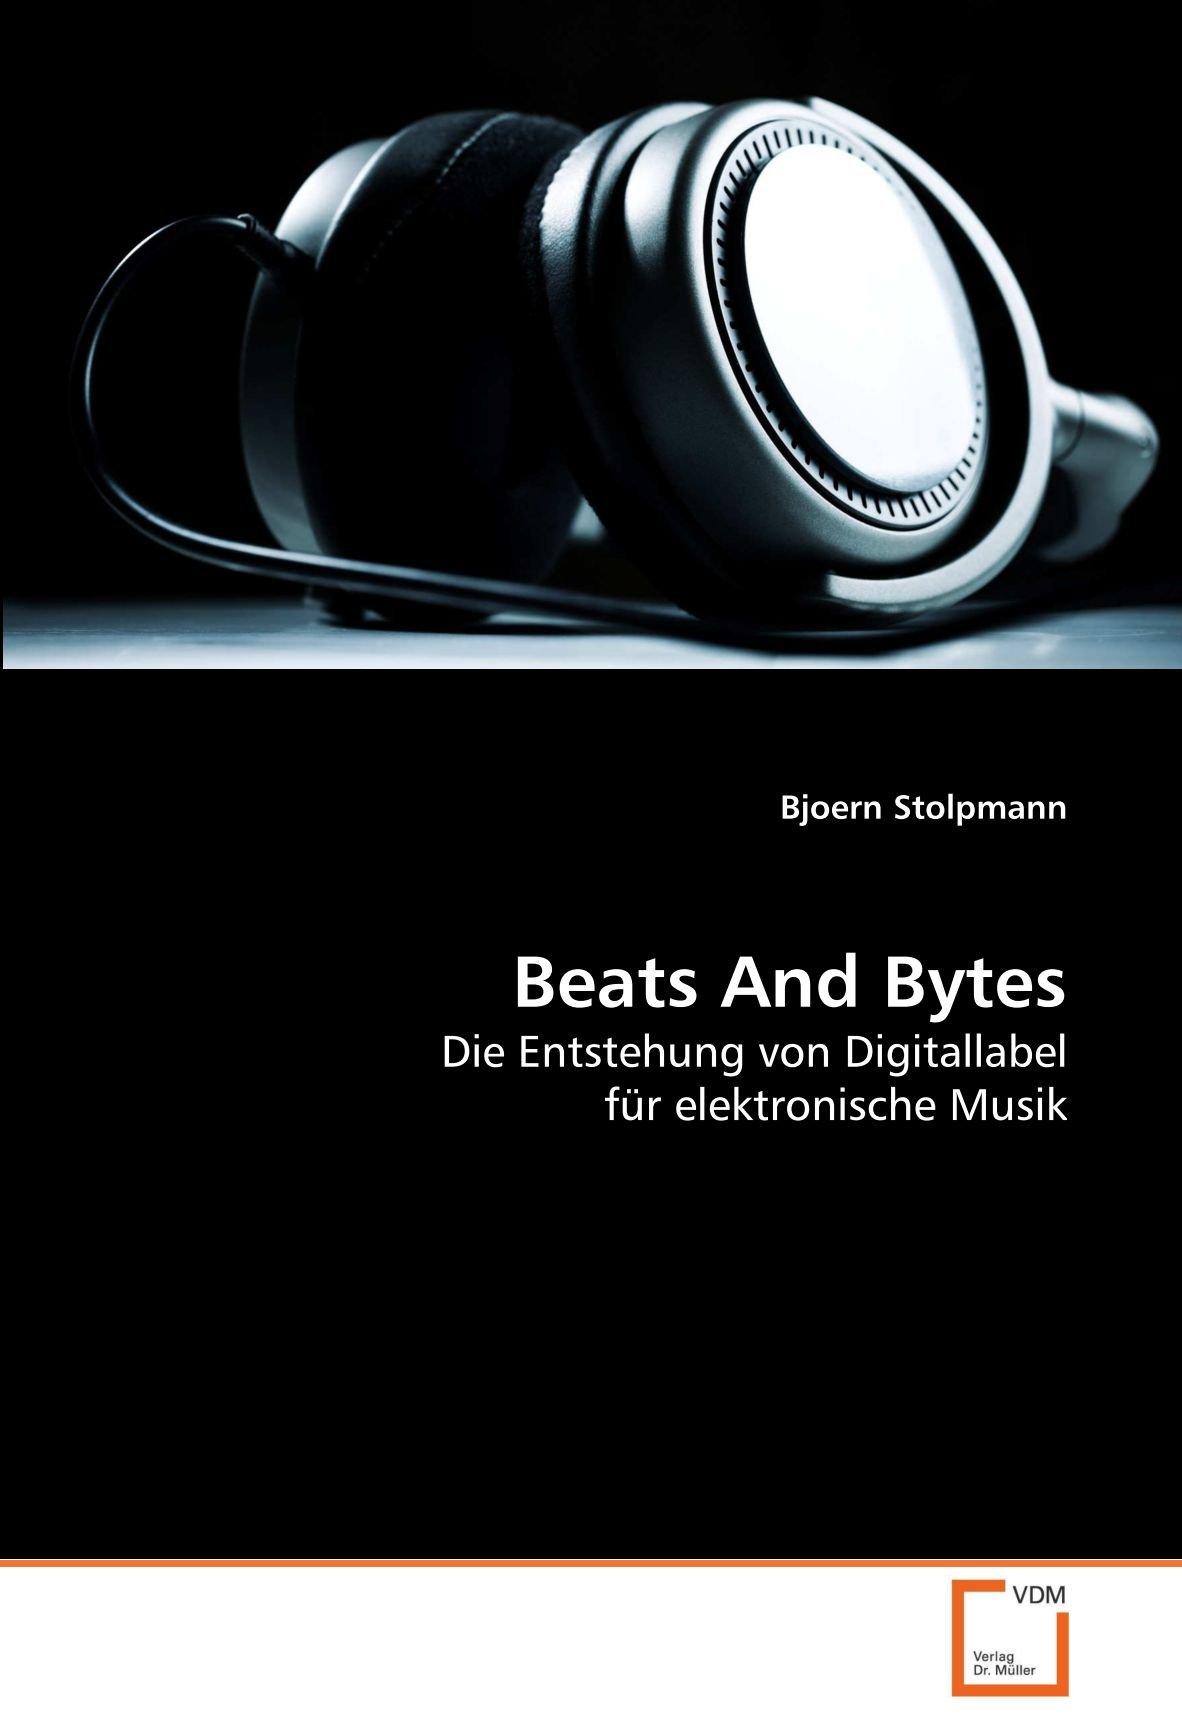 Beats And Bytes: Die Entstehung von Digitallabel für elektronische Musik